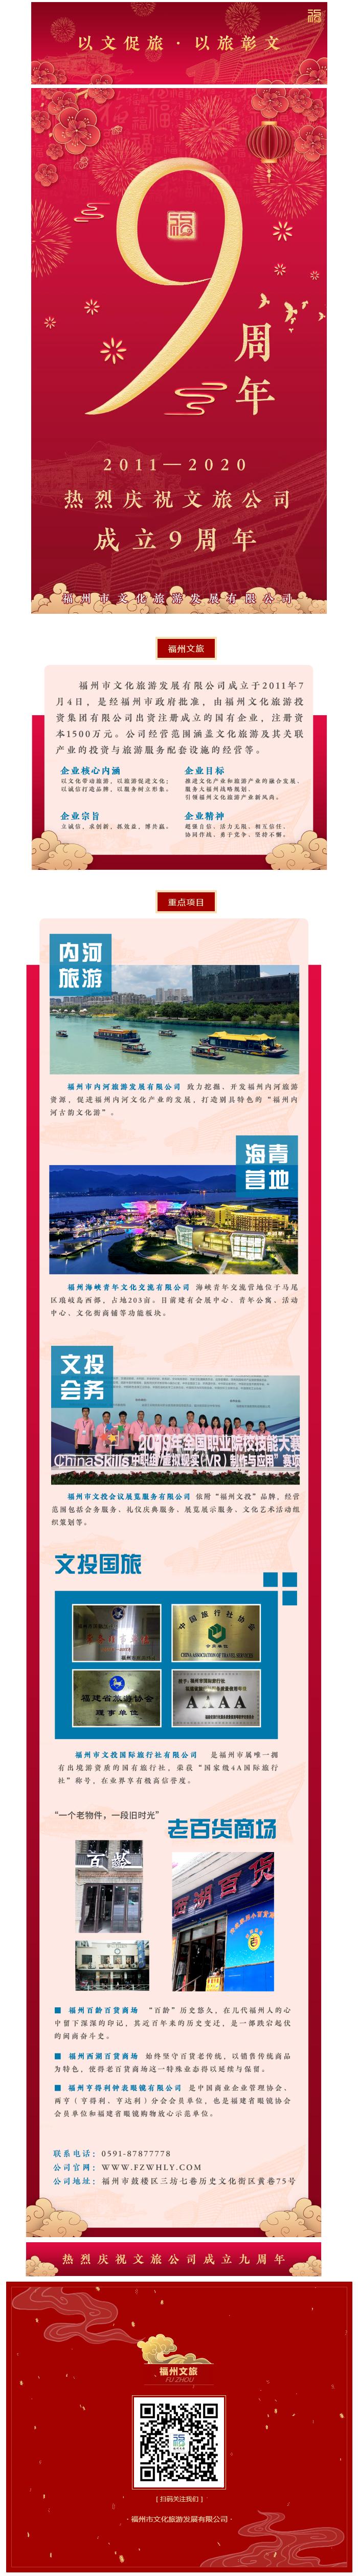 福州欧宝官网丨热烈庆祝福州市文化旅游发展有限公司成立九周年.png